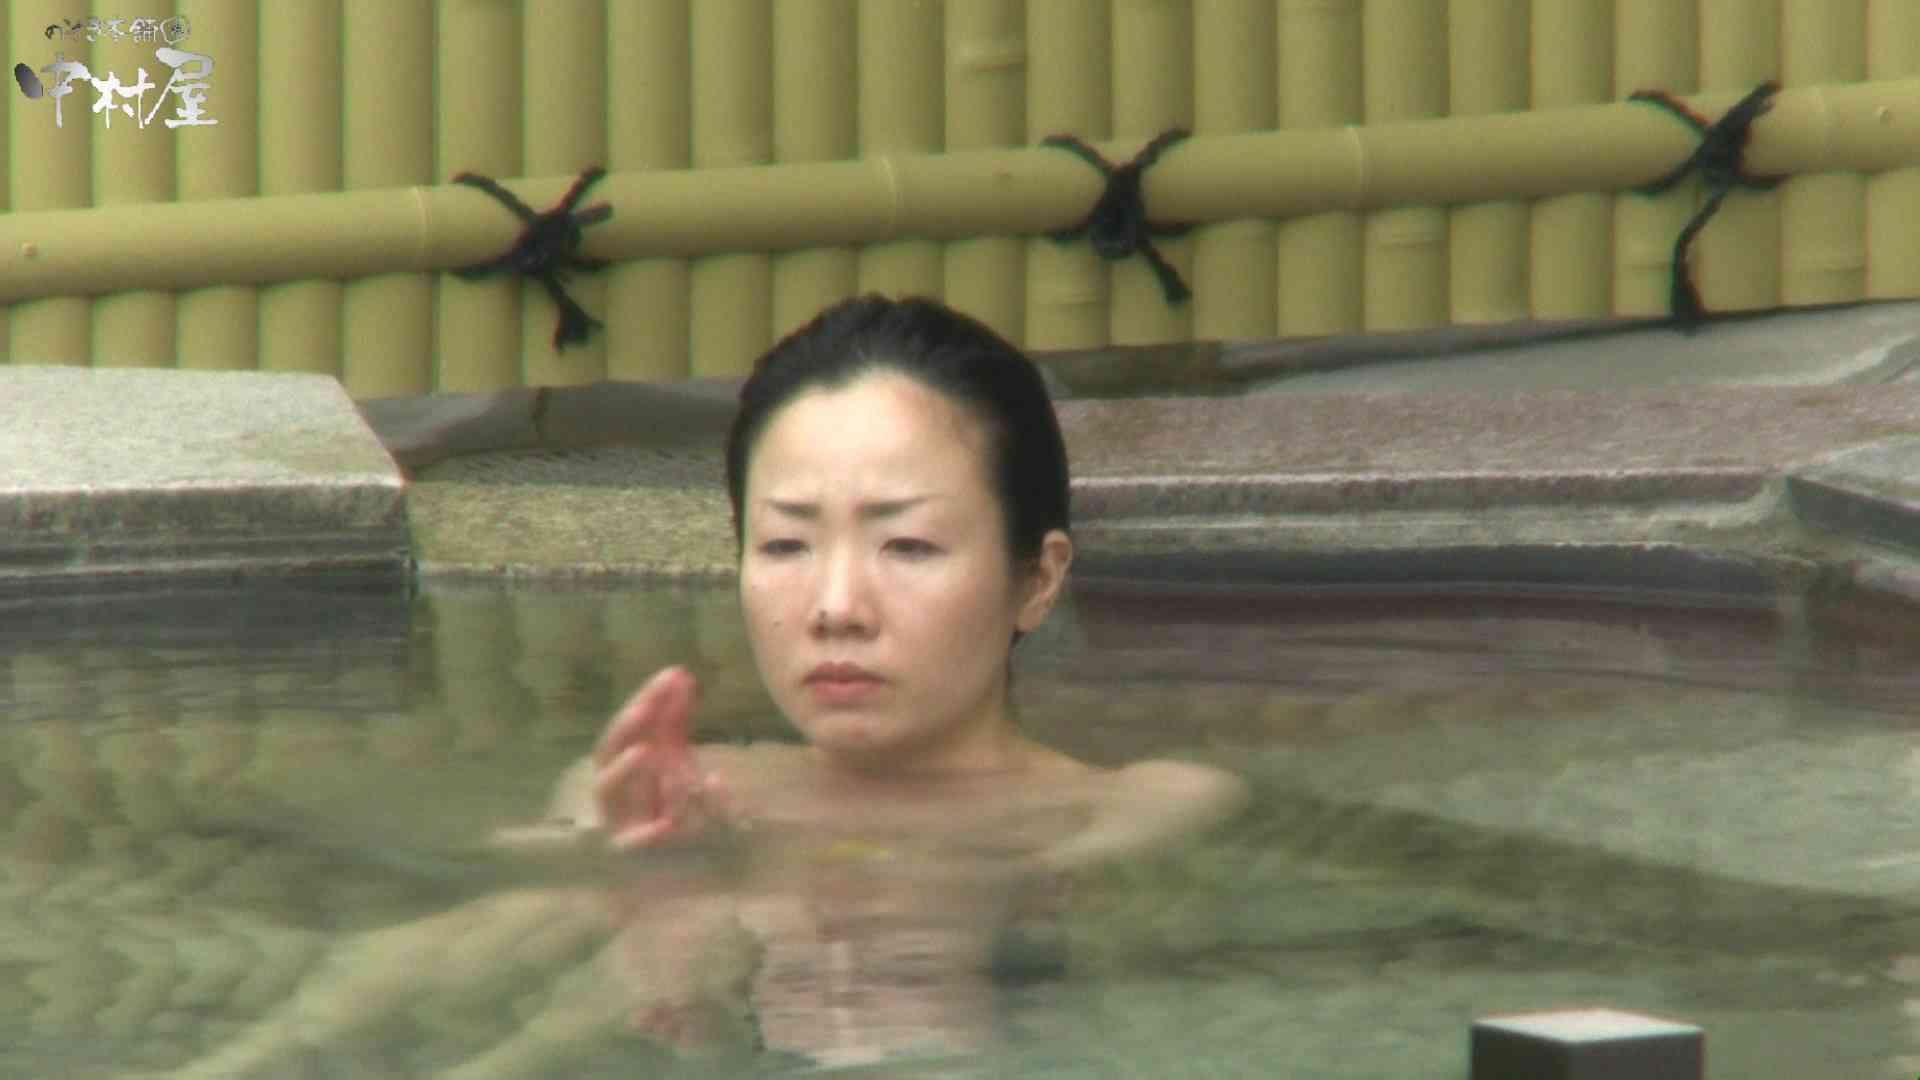 Aquaな露天風呂Vol.950 OLのエロ生活 覗きおまんこ画像 107連発 38